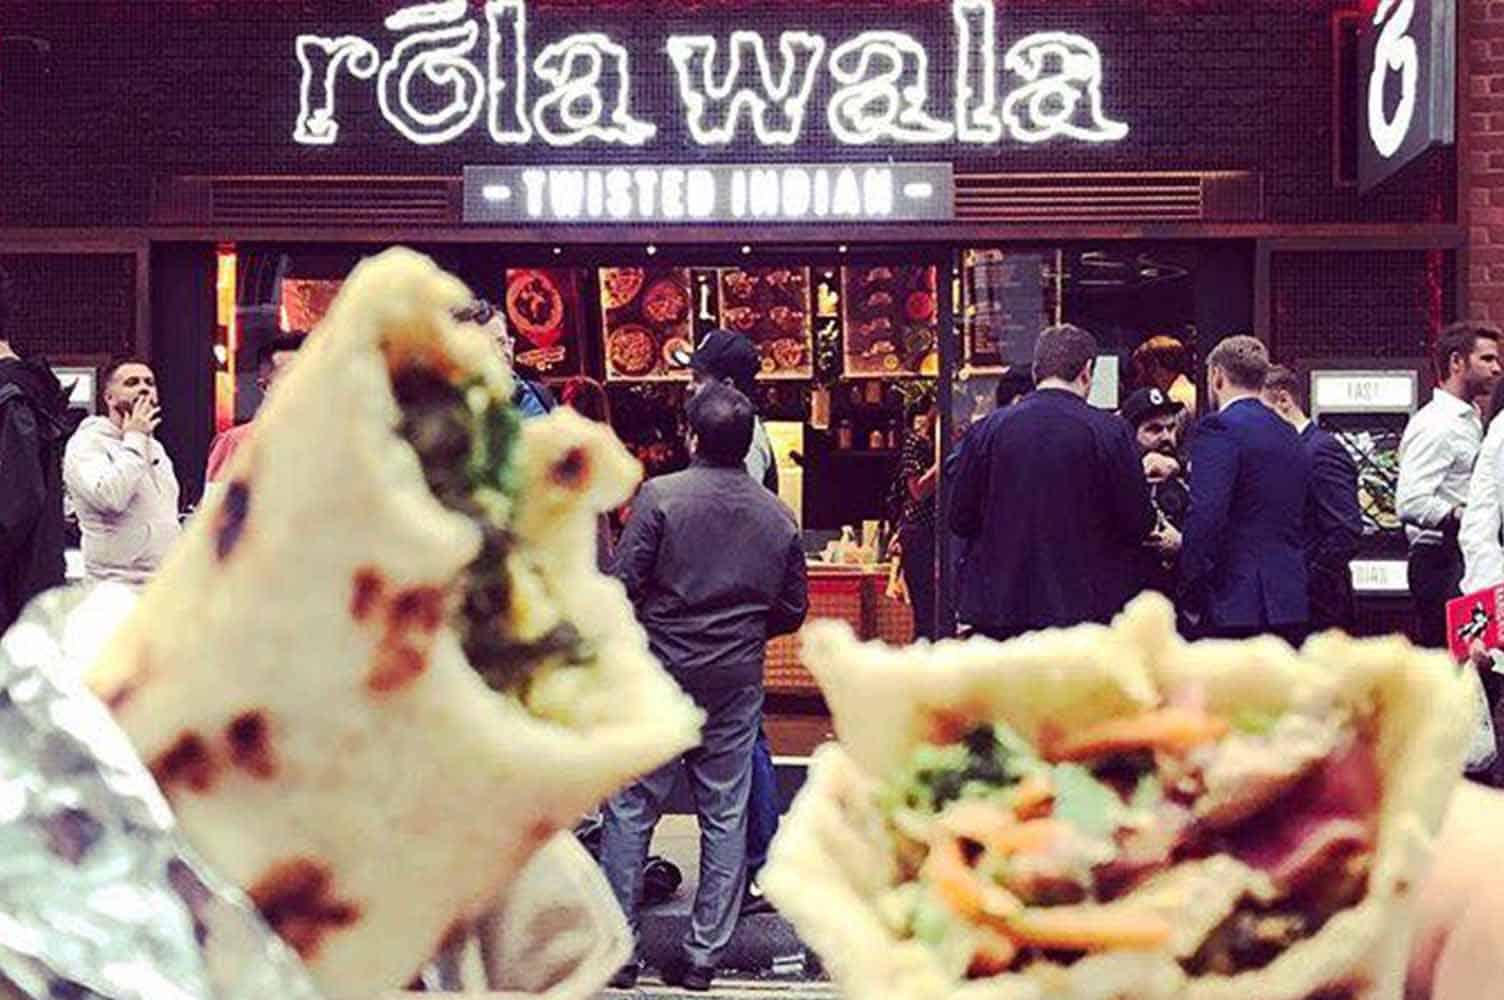 Rola Wola London